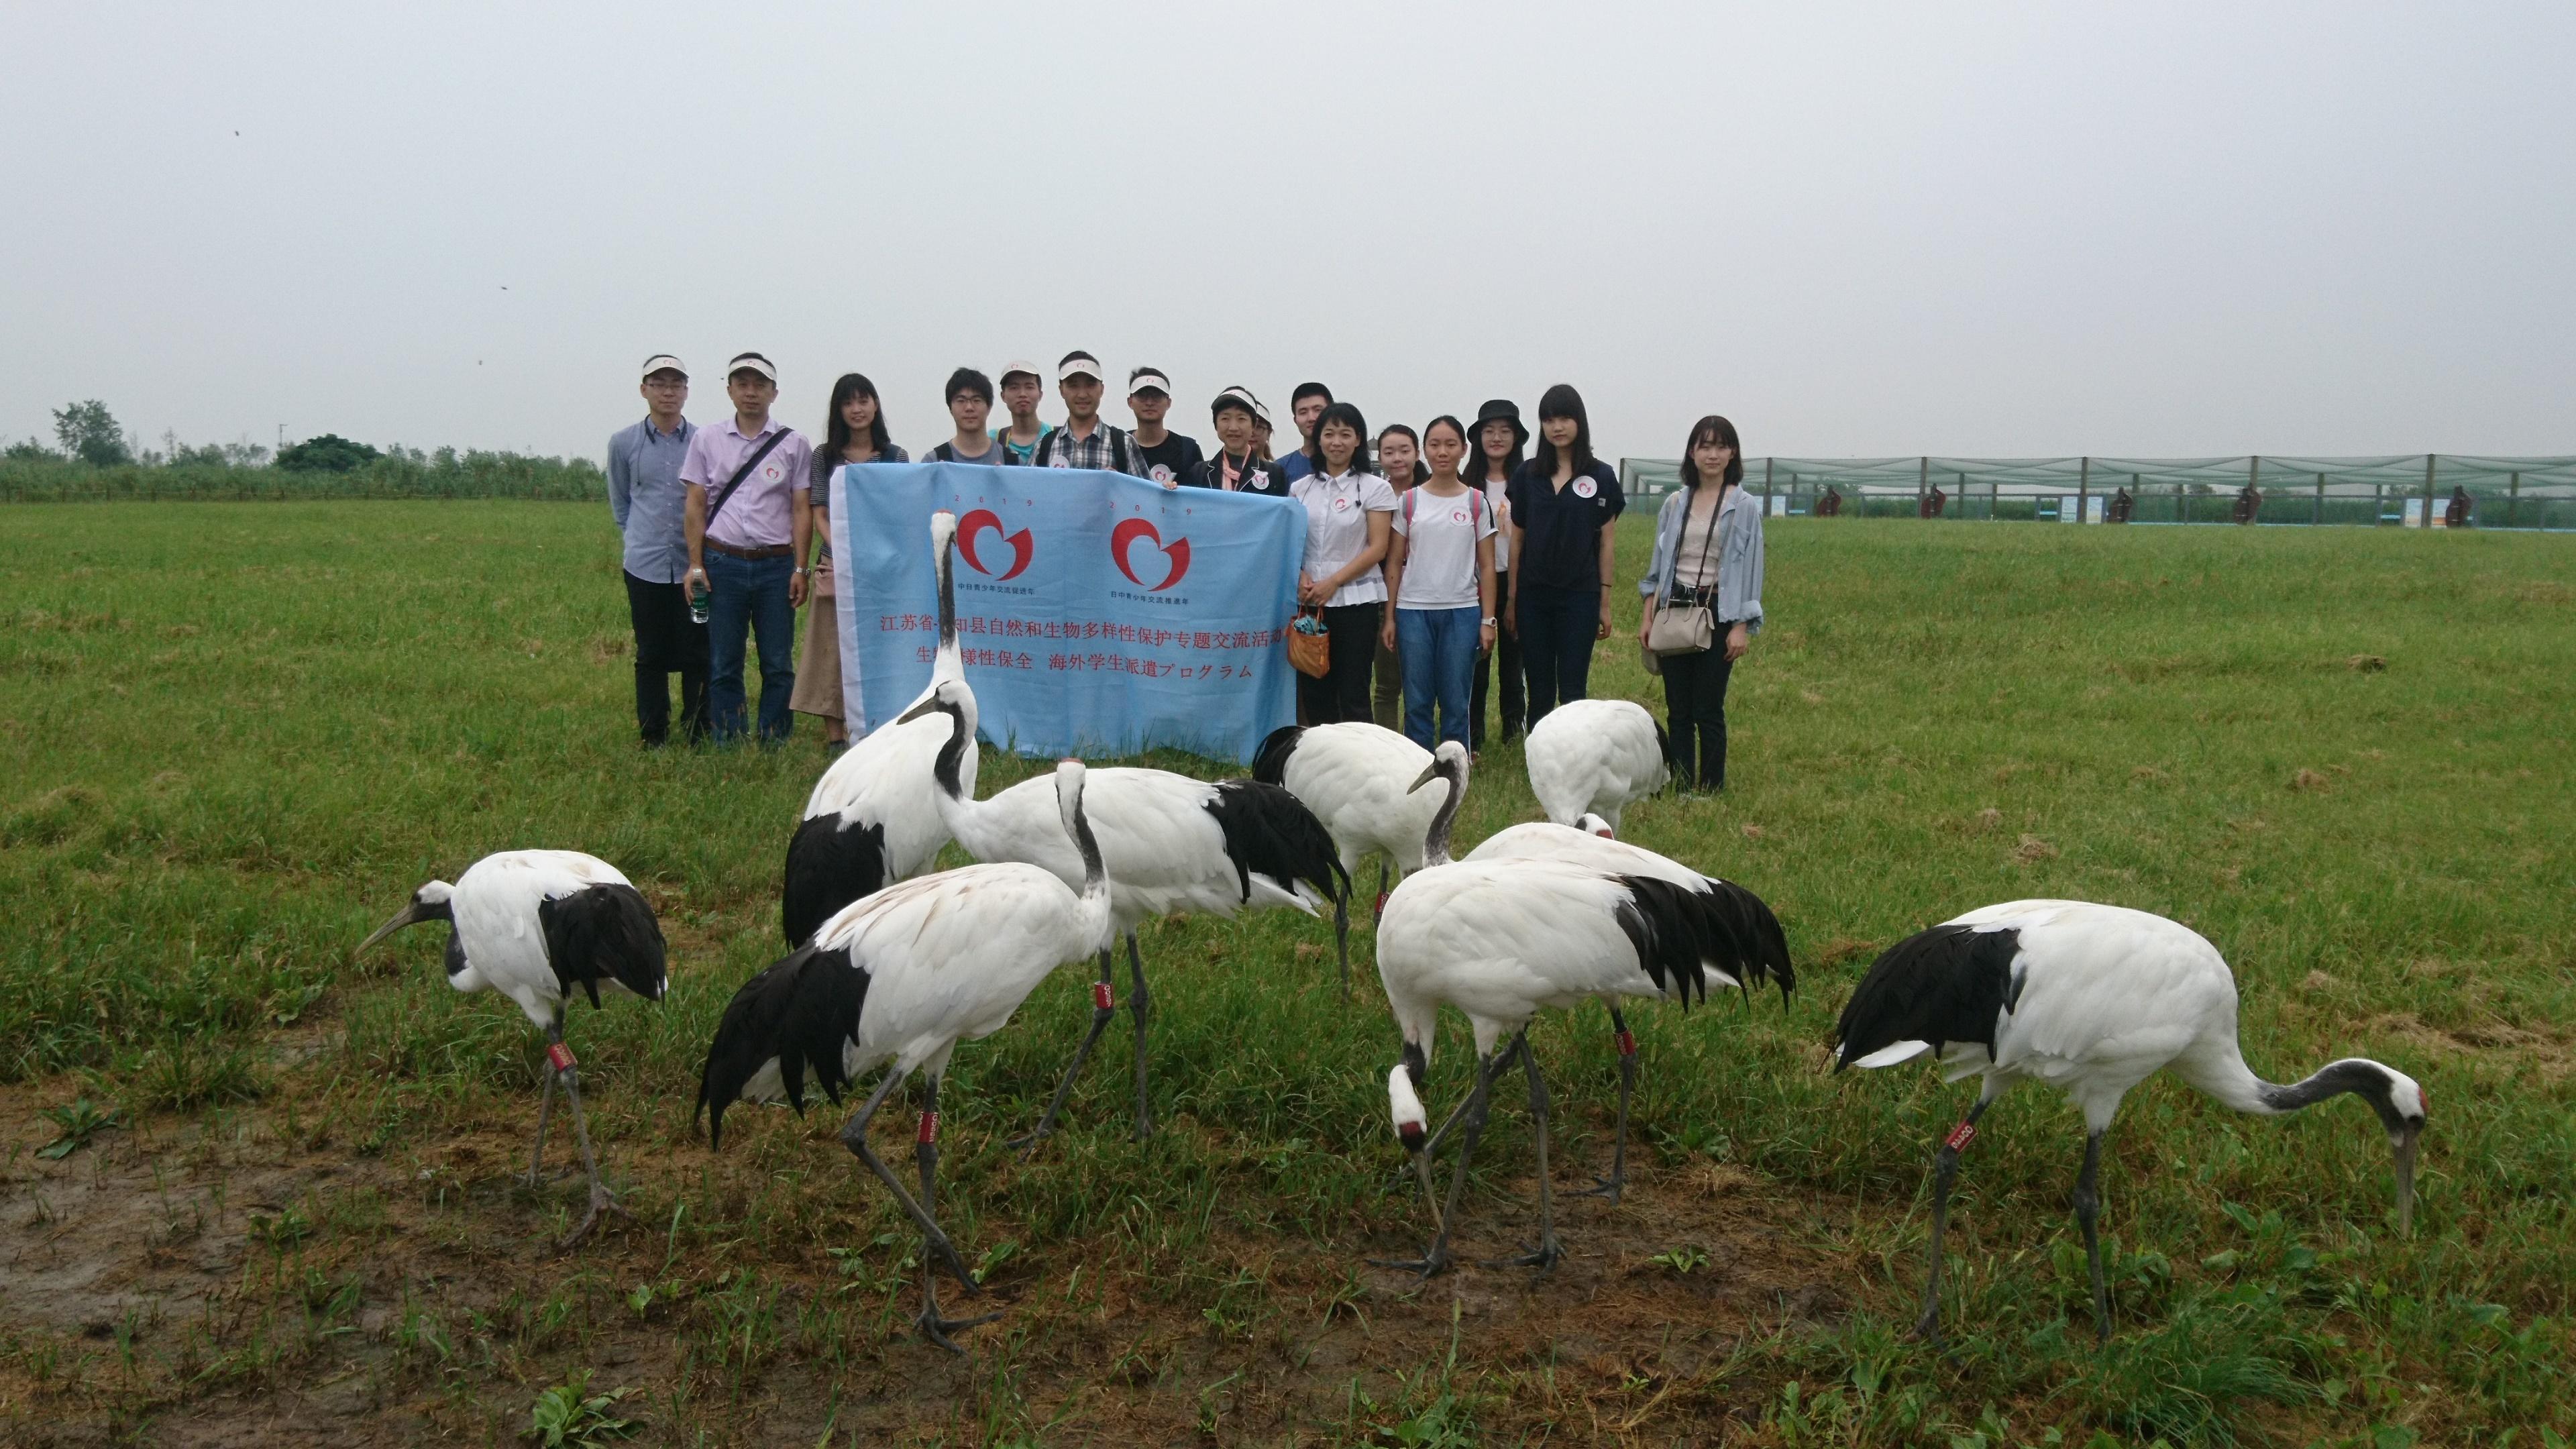 河海大学の学生とともに塩城自然保護区で記念写真